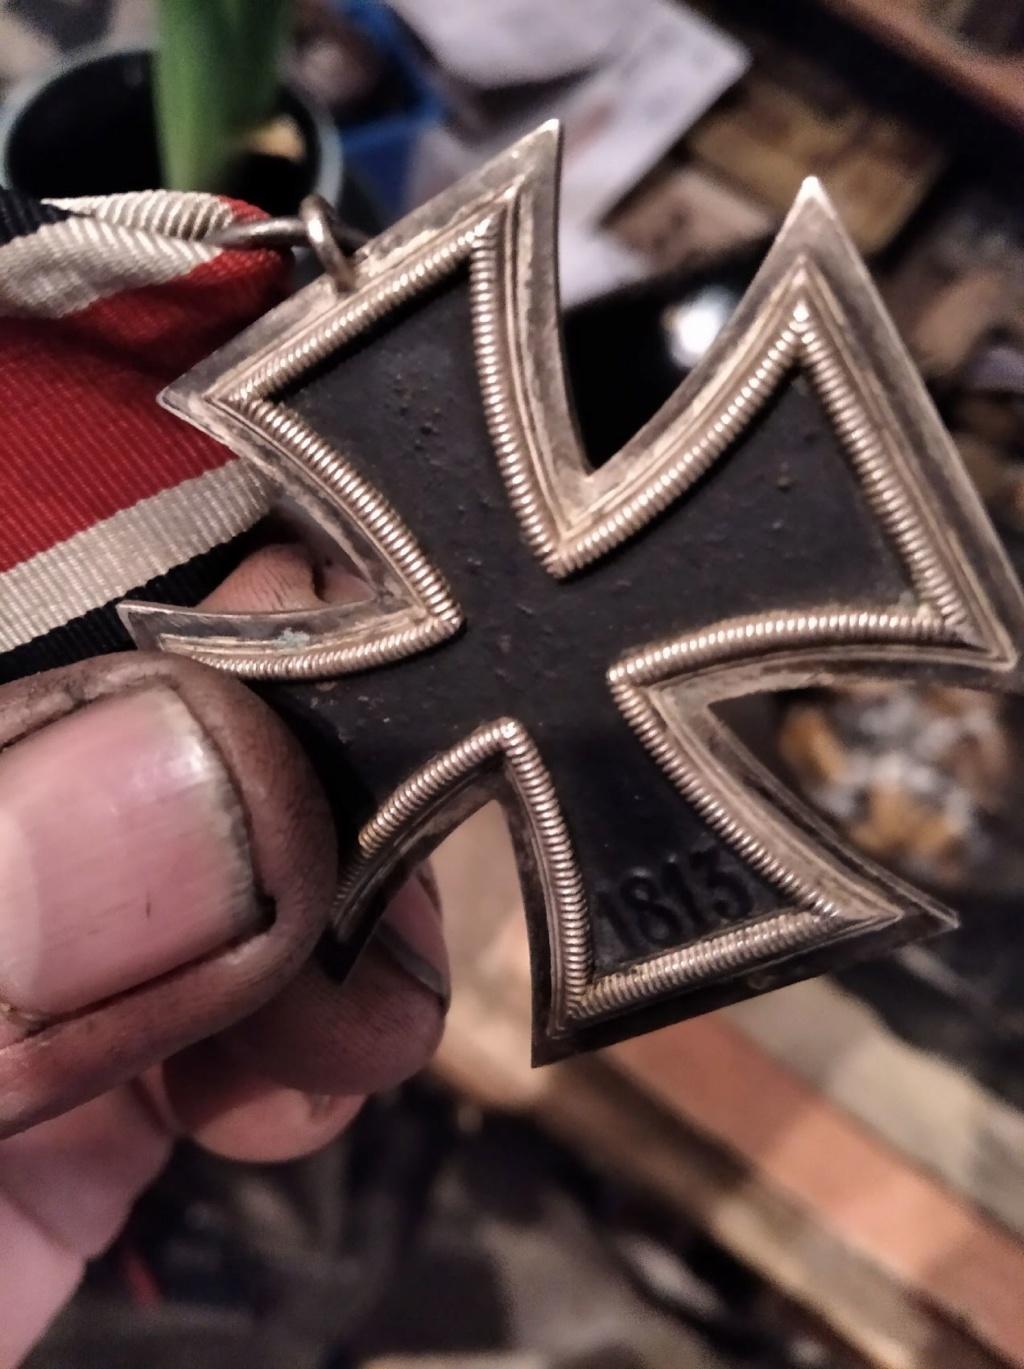 Authentification croix de fer ww2 Image_15